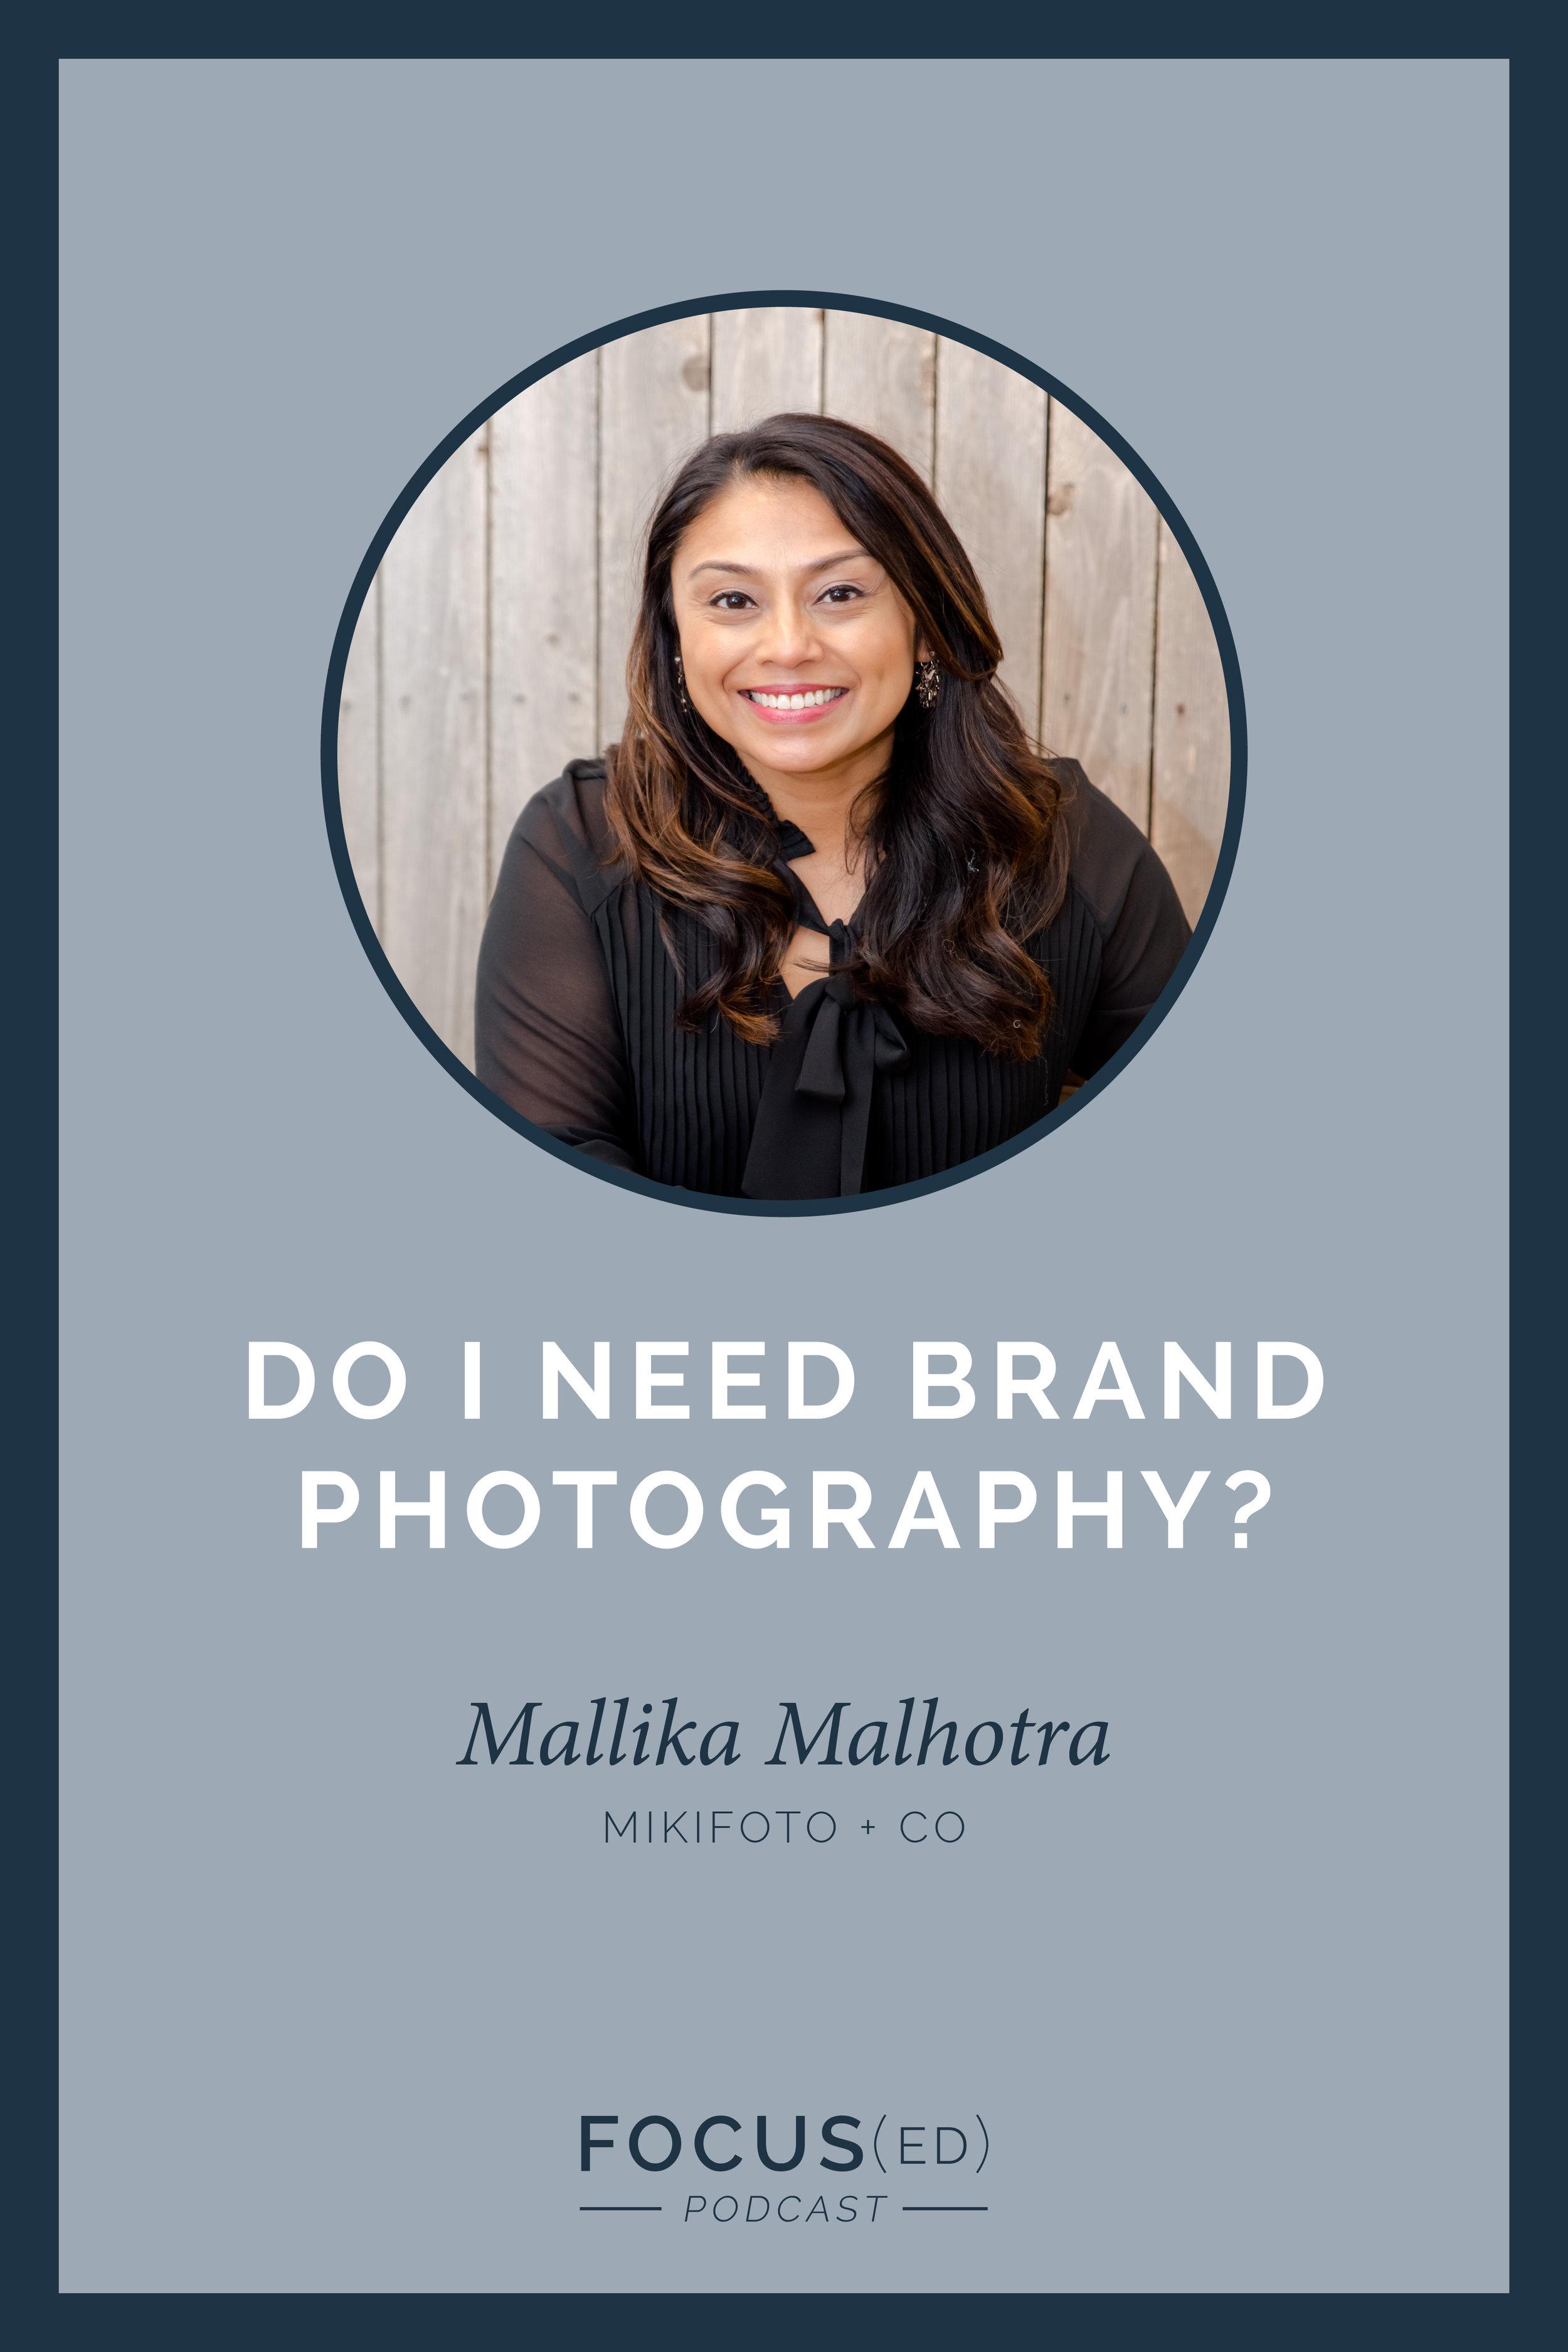 Do I need brand photography?